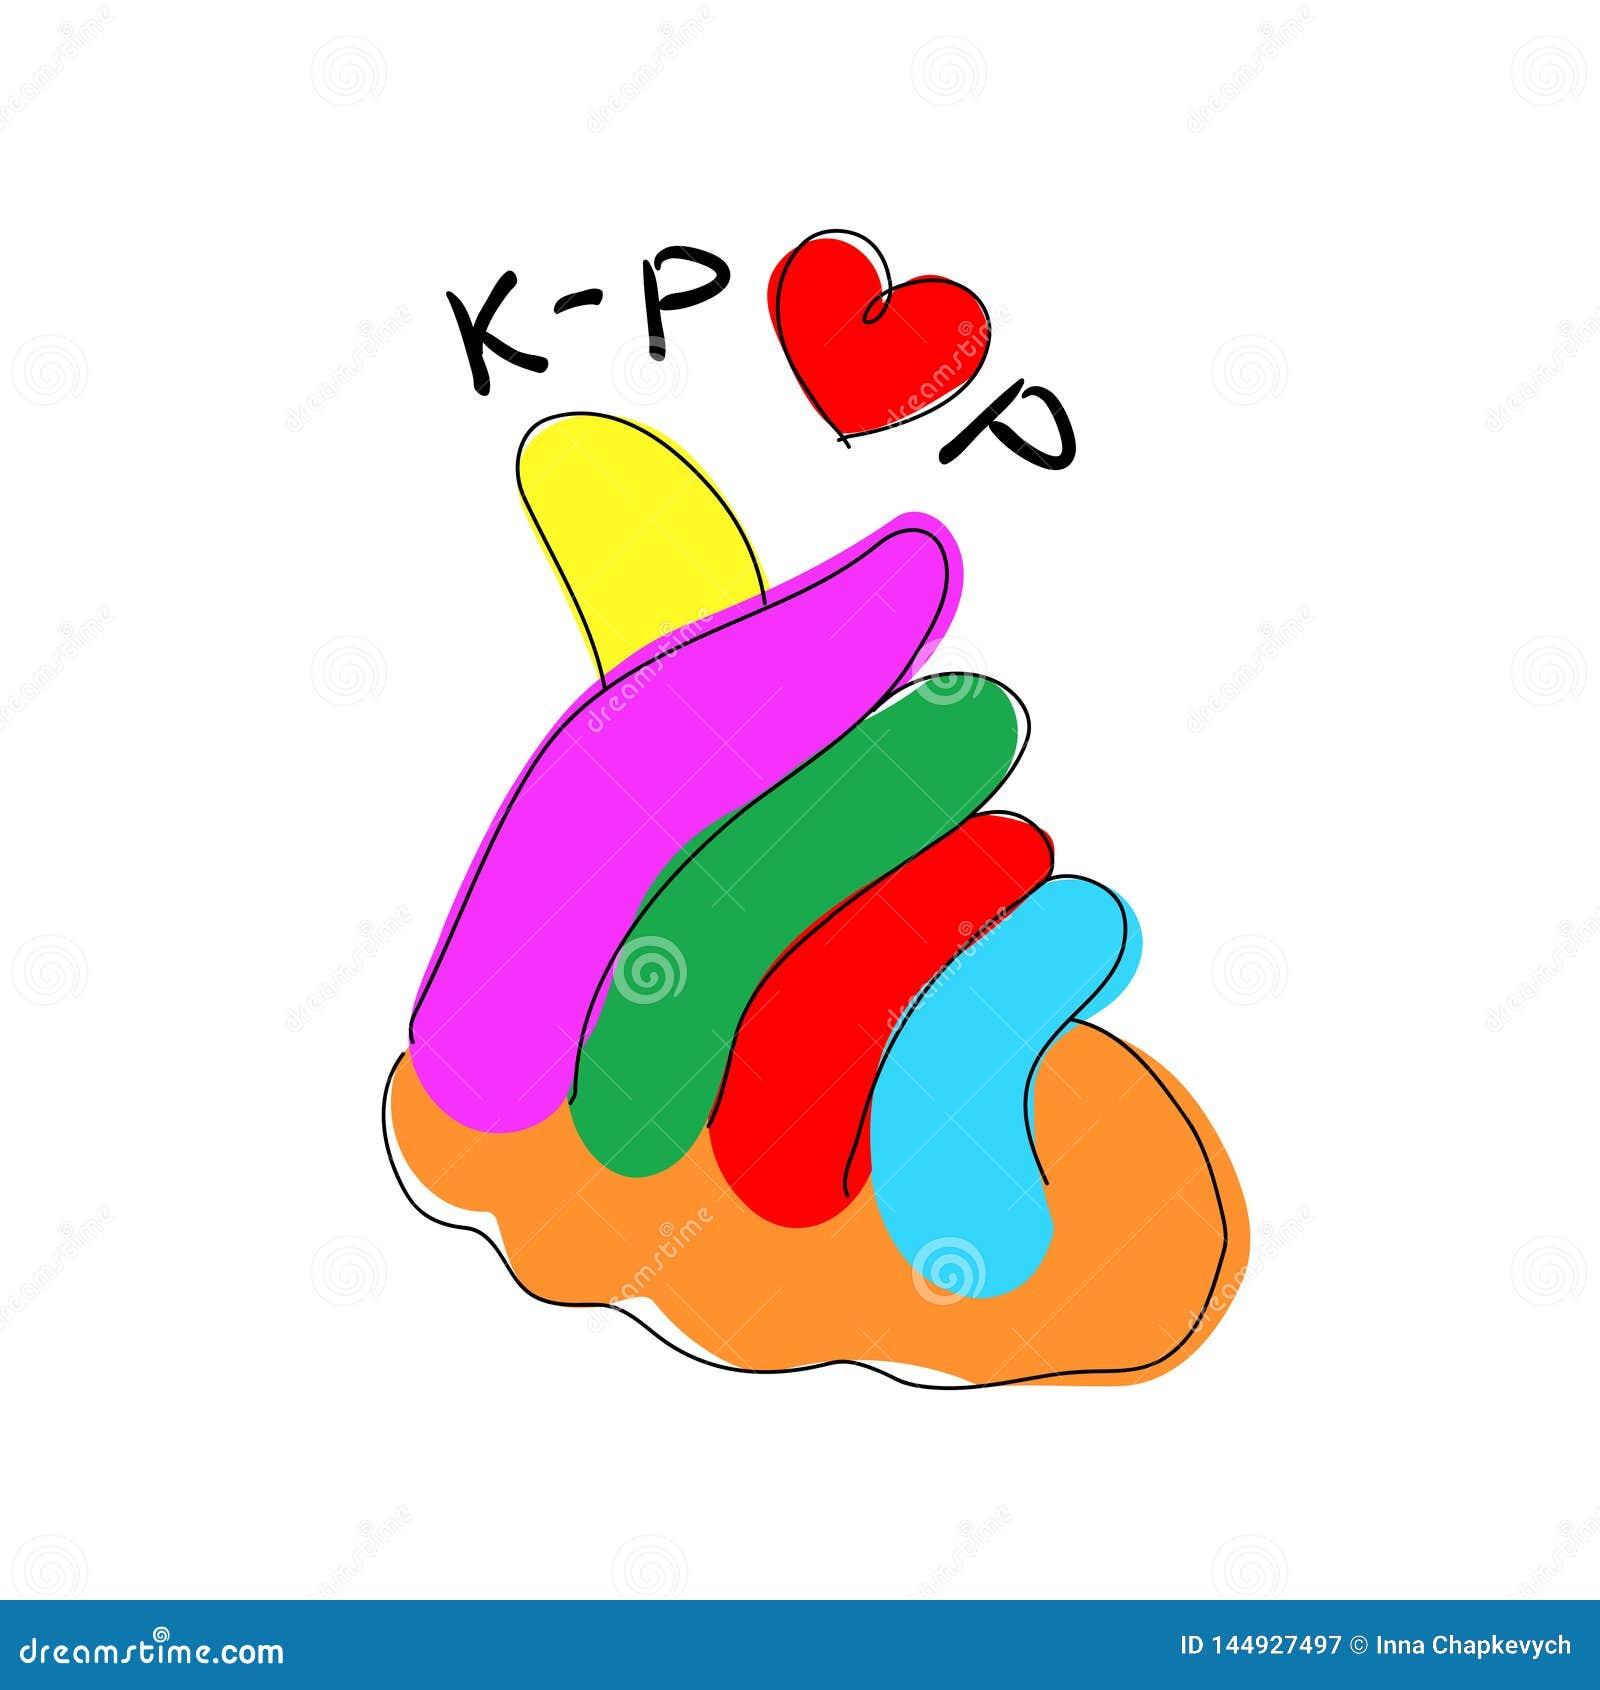 Корейский жест рукой знака любов K-попа поп-музыки